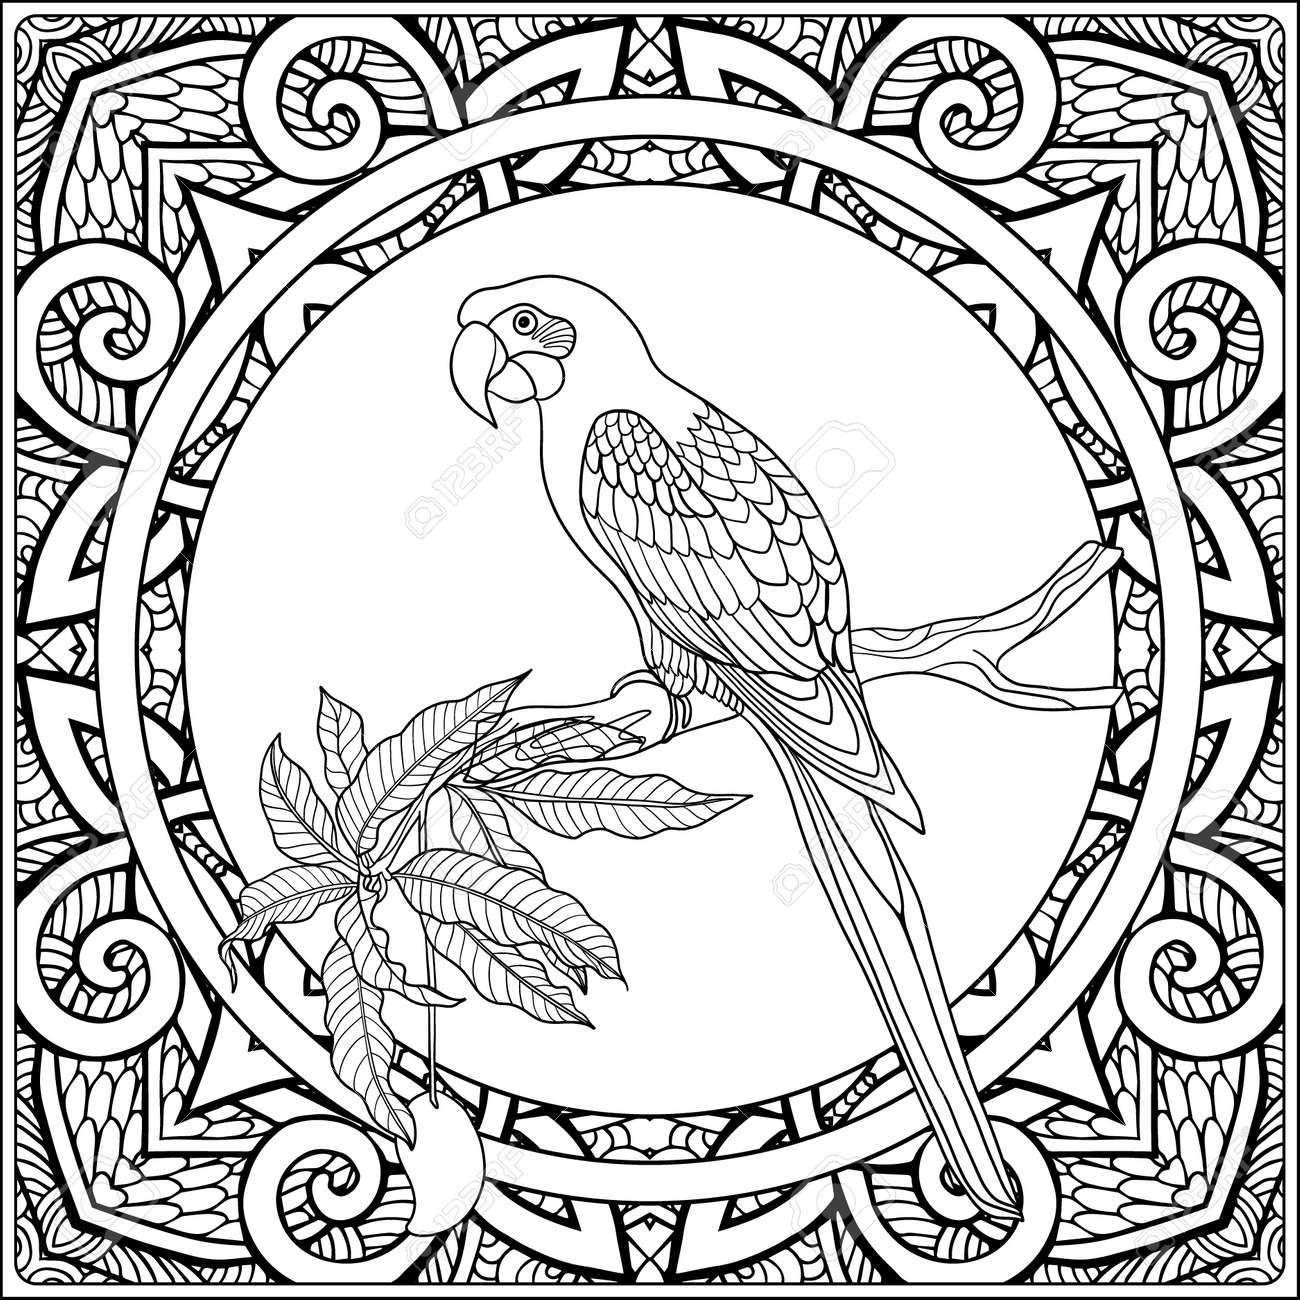 Animales Y Plantas Tropicales? N De Fondo Patrón Decorativo. Dibujo ...